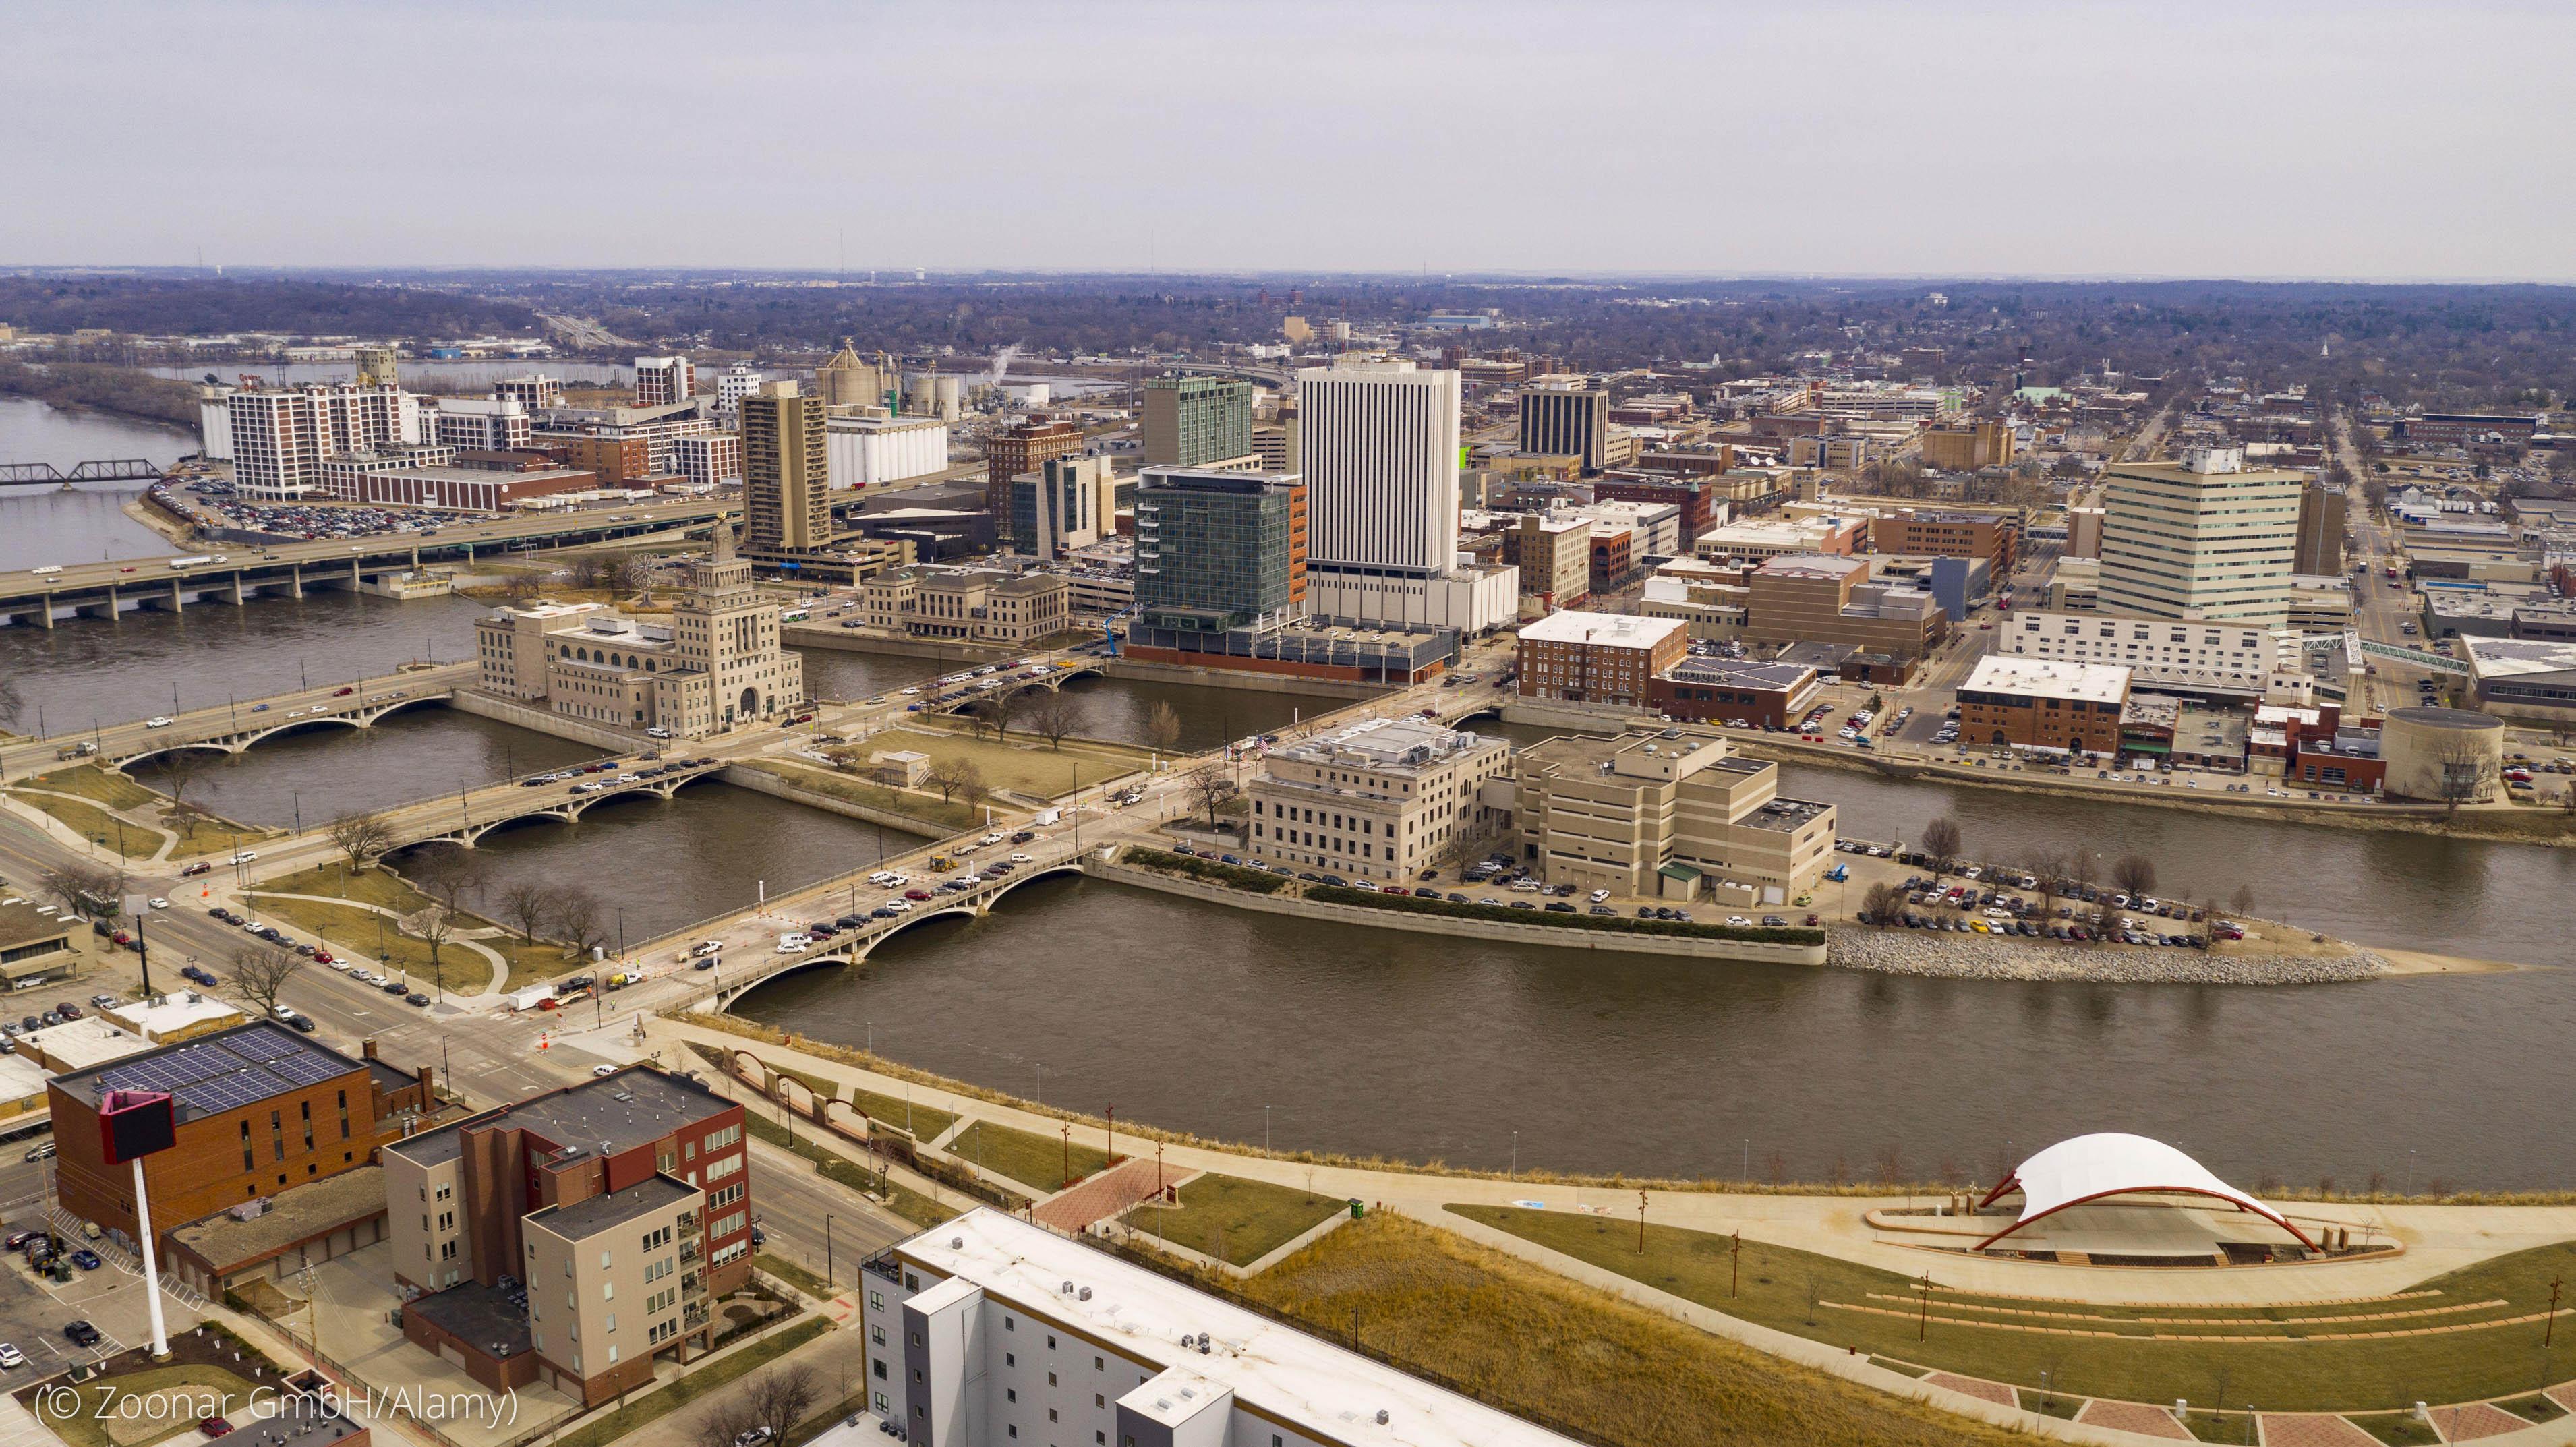 Vista aérea de cidade ao longo de um rio (© Zoonar GmbH/Alamy)